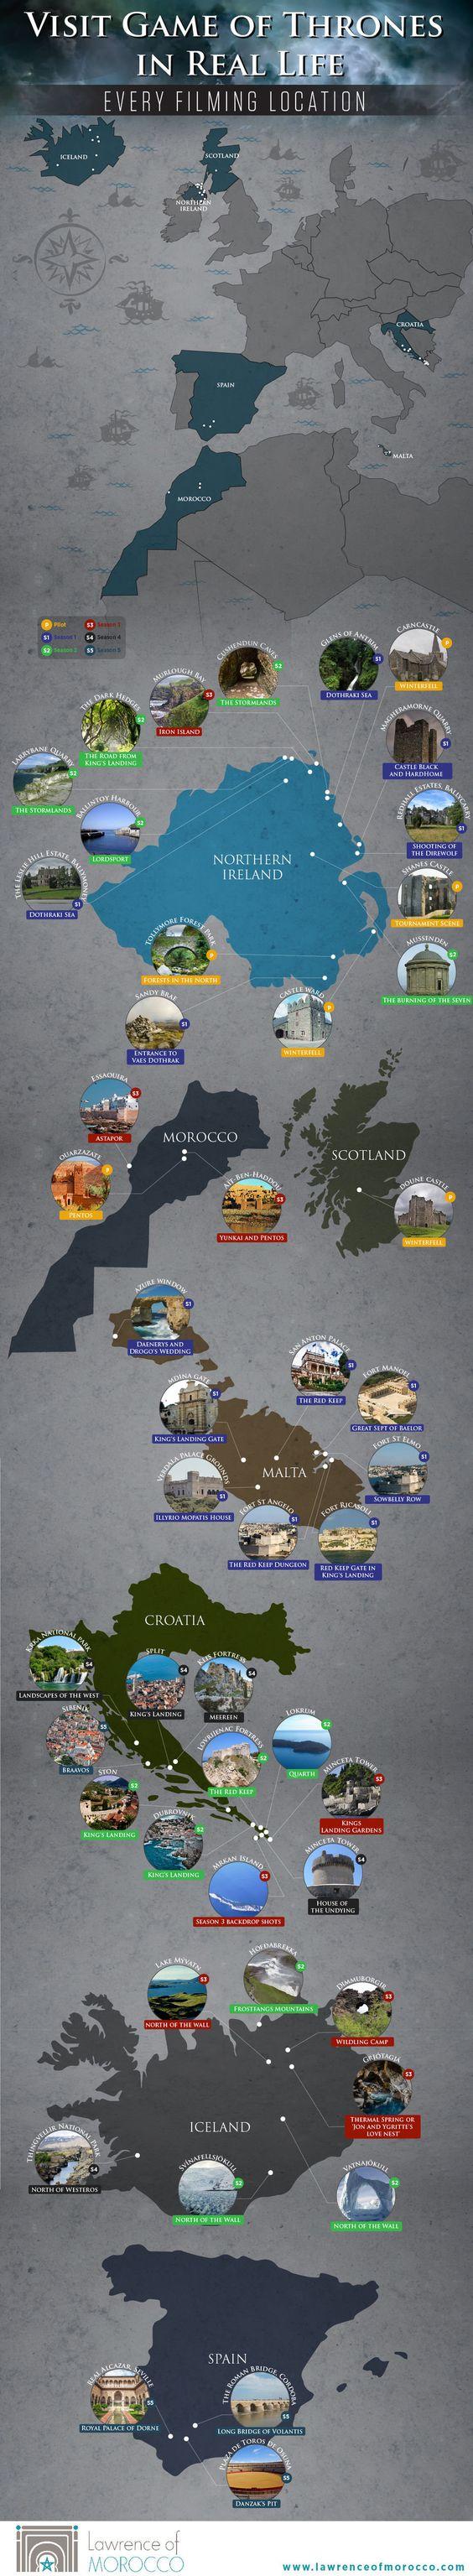 Tous les lieux de tournage de Game of Thrones sur une seule carte | GQ